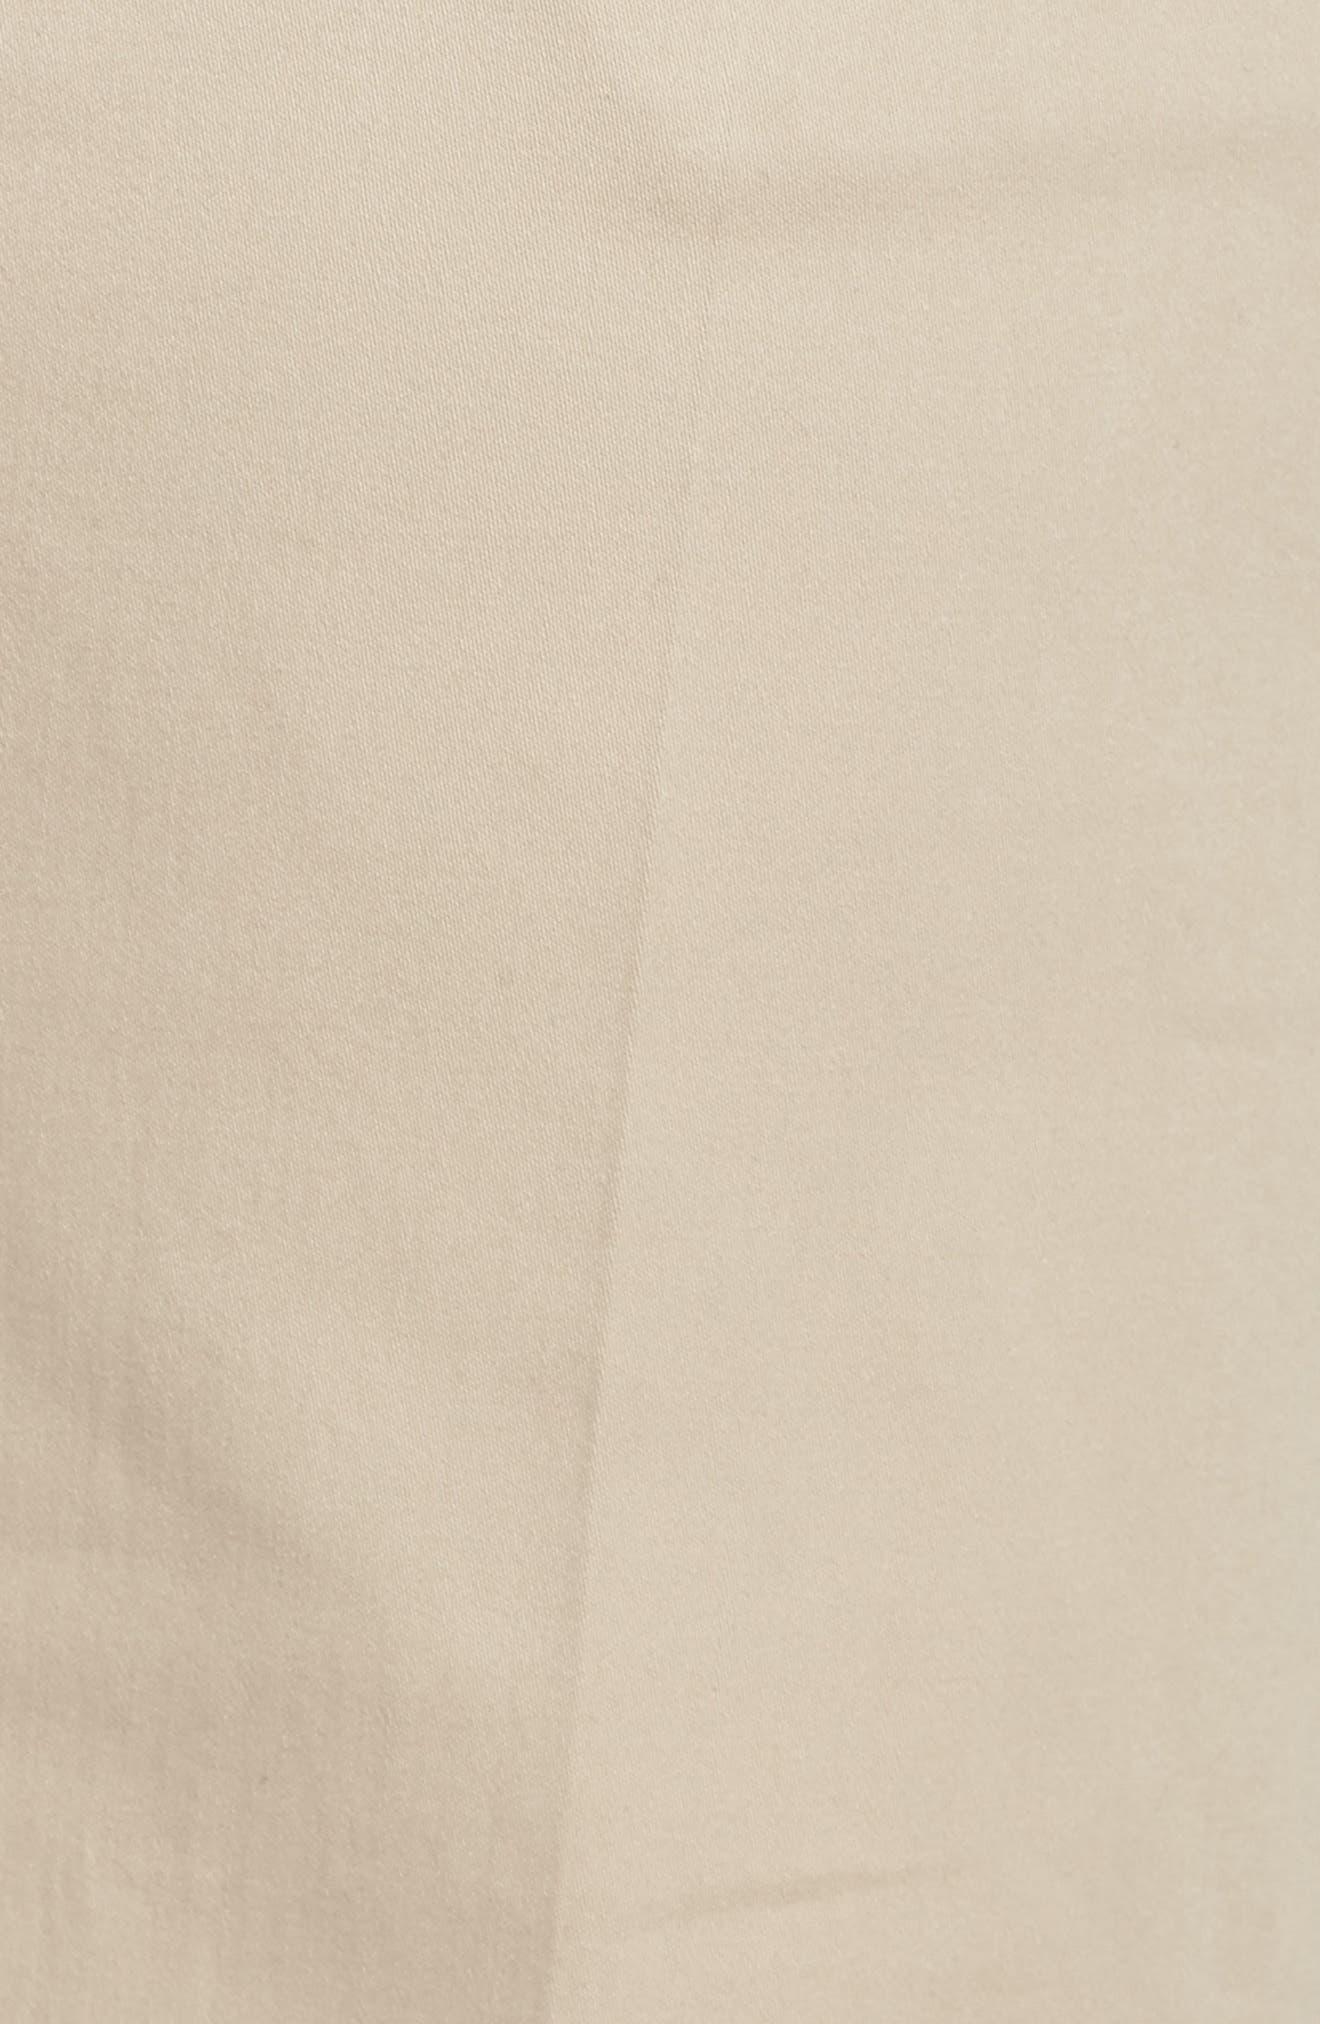 Crop Pants,                             Alternate thumbnail 7, color,                             Dark Beige